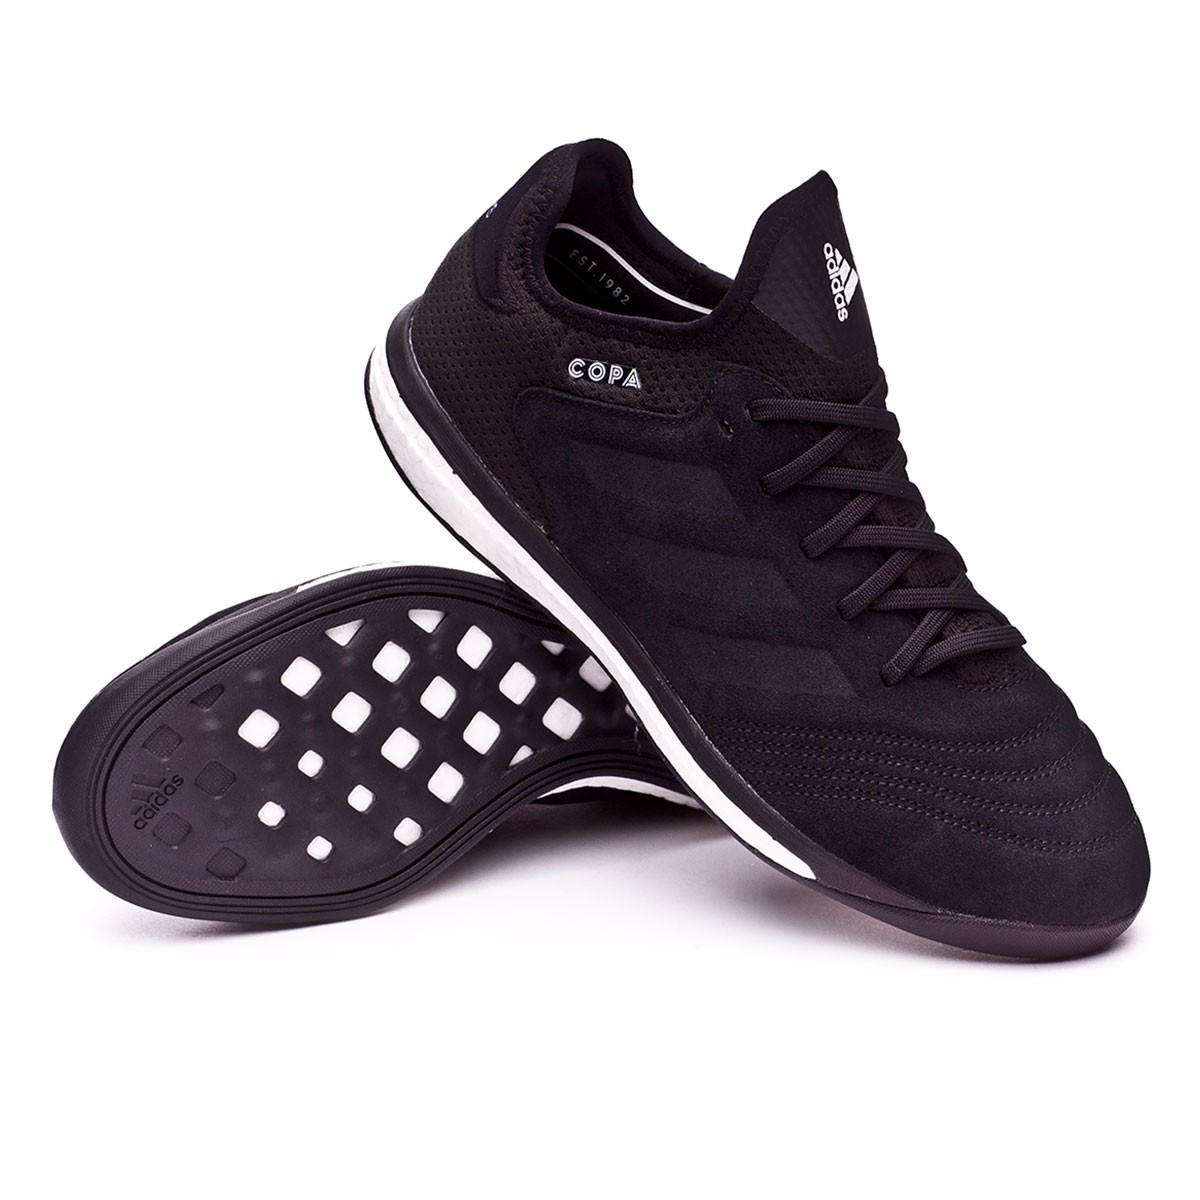 Zapatilla adidas Copa Tango 18.1 TR Core black-White - Leaked soccer a4301d62791f1